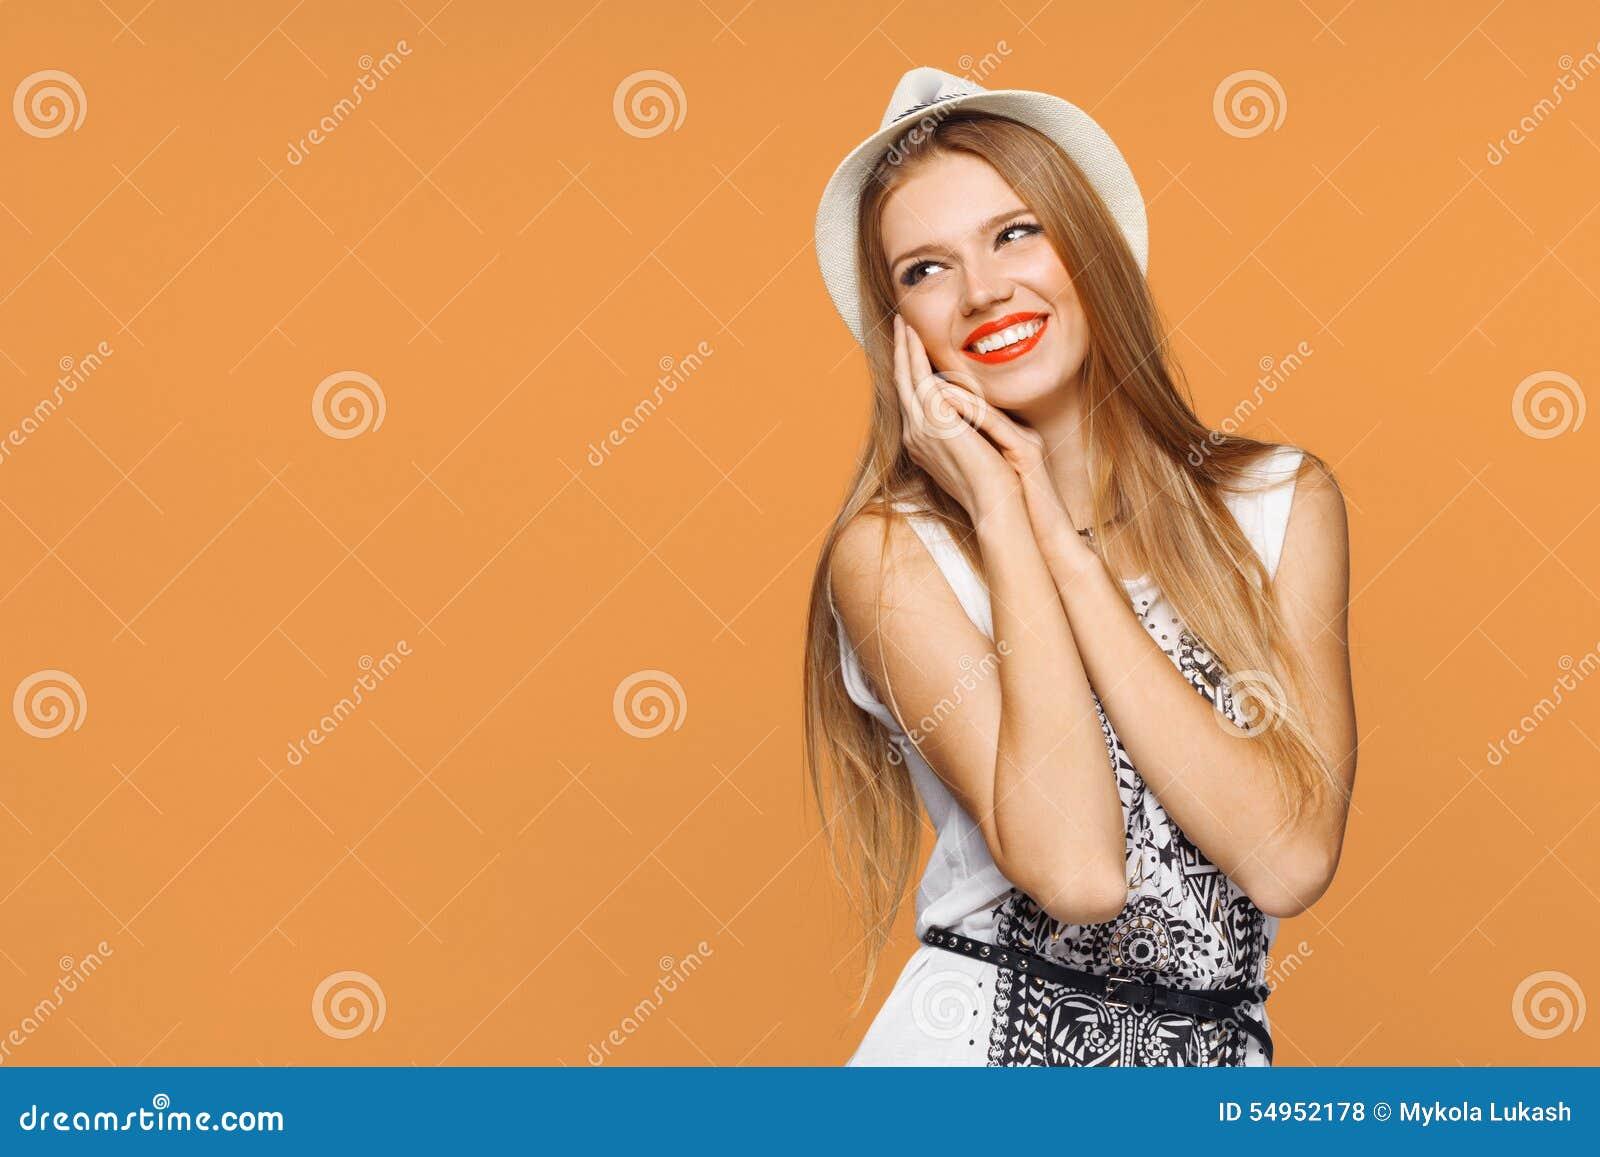 Ευτυχής νέα χαρούμενη γυναίκα που κοιτάζει λοξά στον ενθουσιασμό Απομονωμένος πέρα από το πορτοκαλί υπόβαθρο